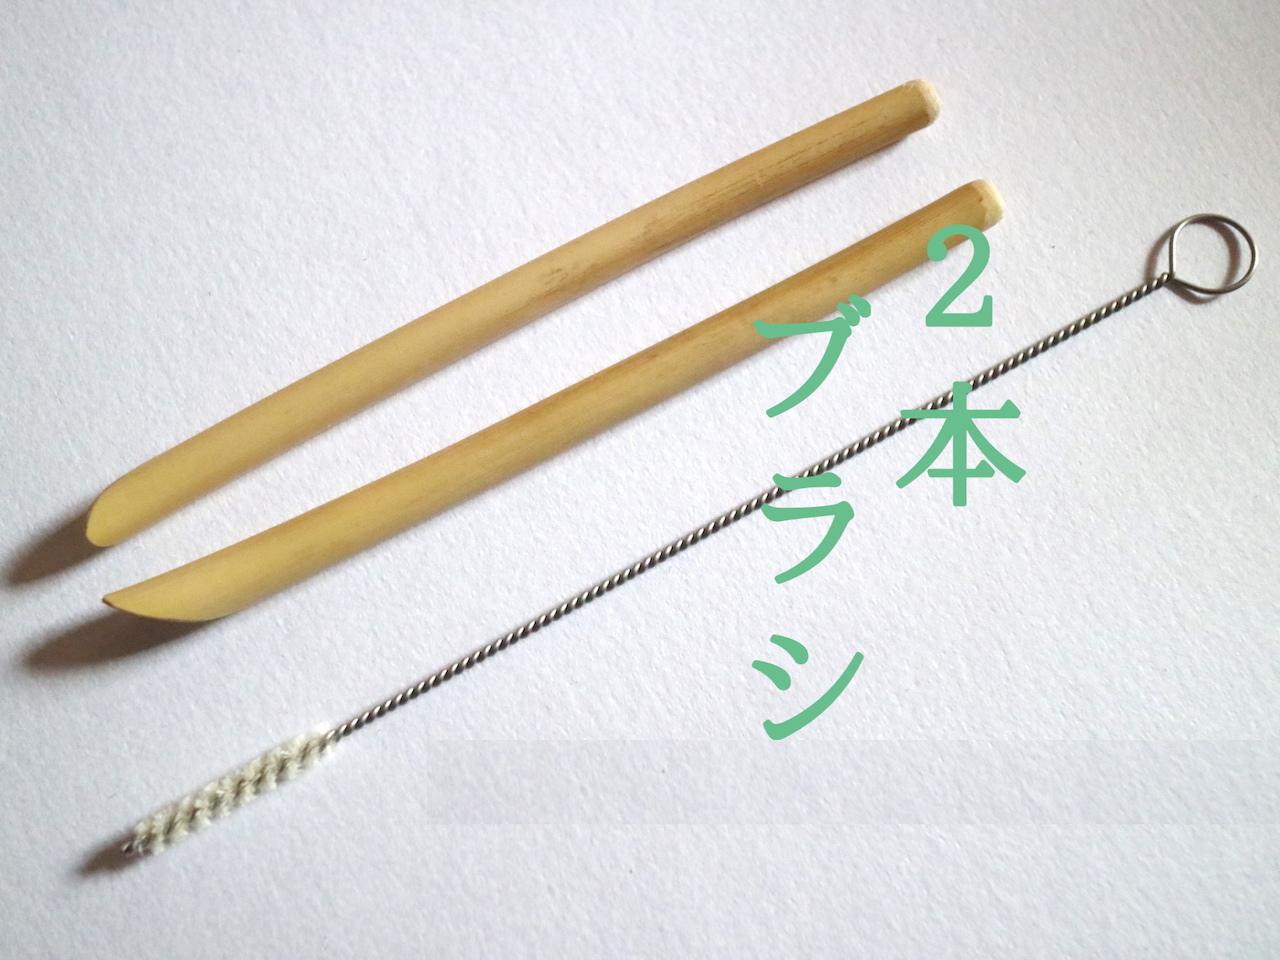 子供竹ストロー12cm_レ先(2本とブラシセット)